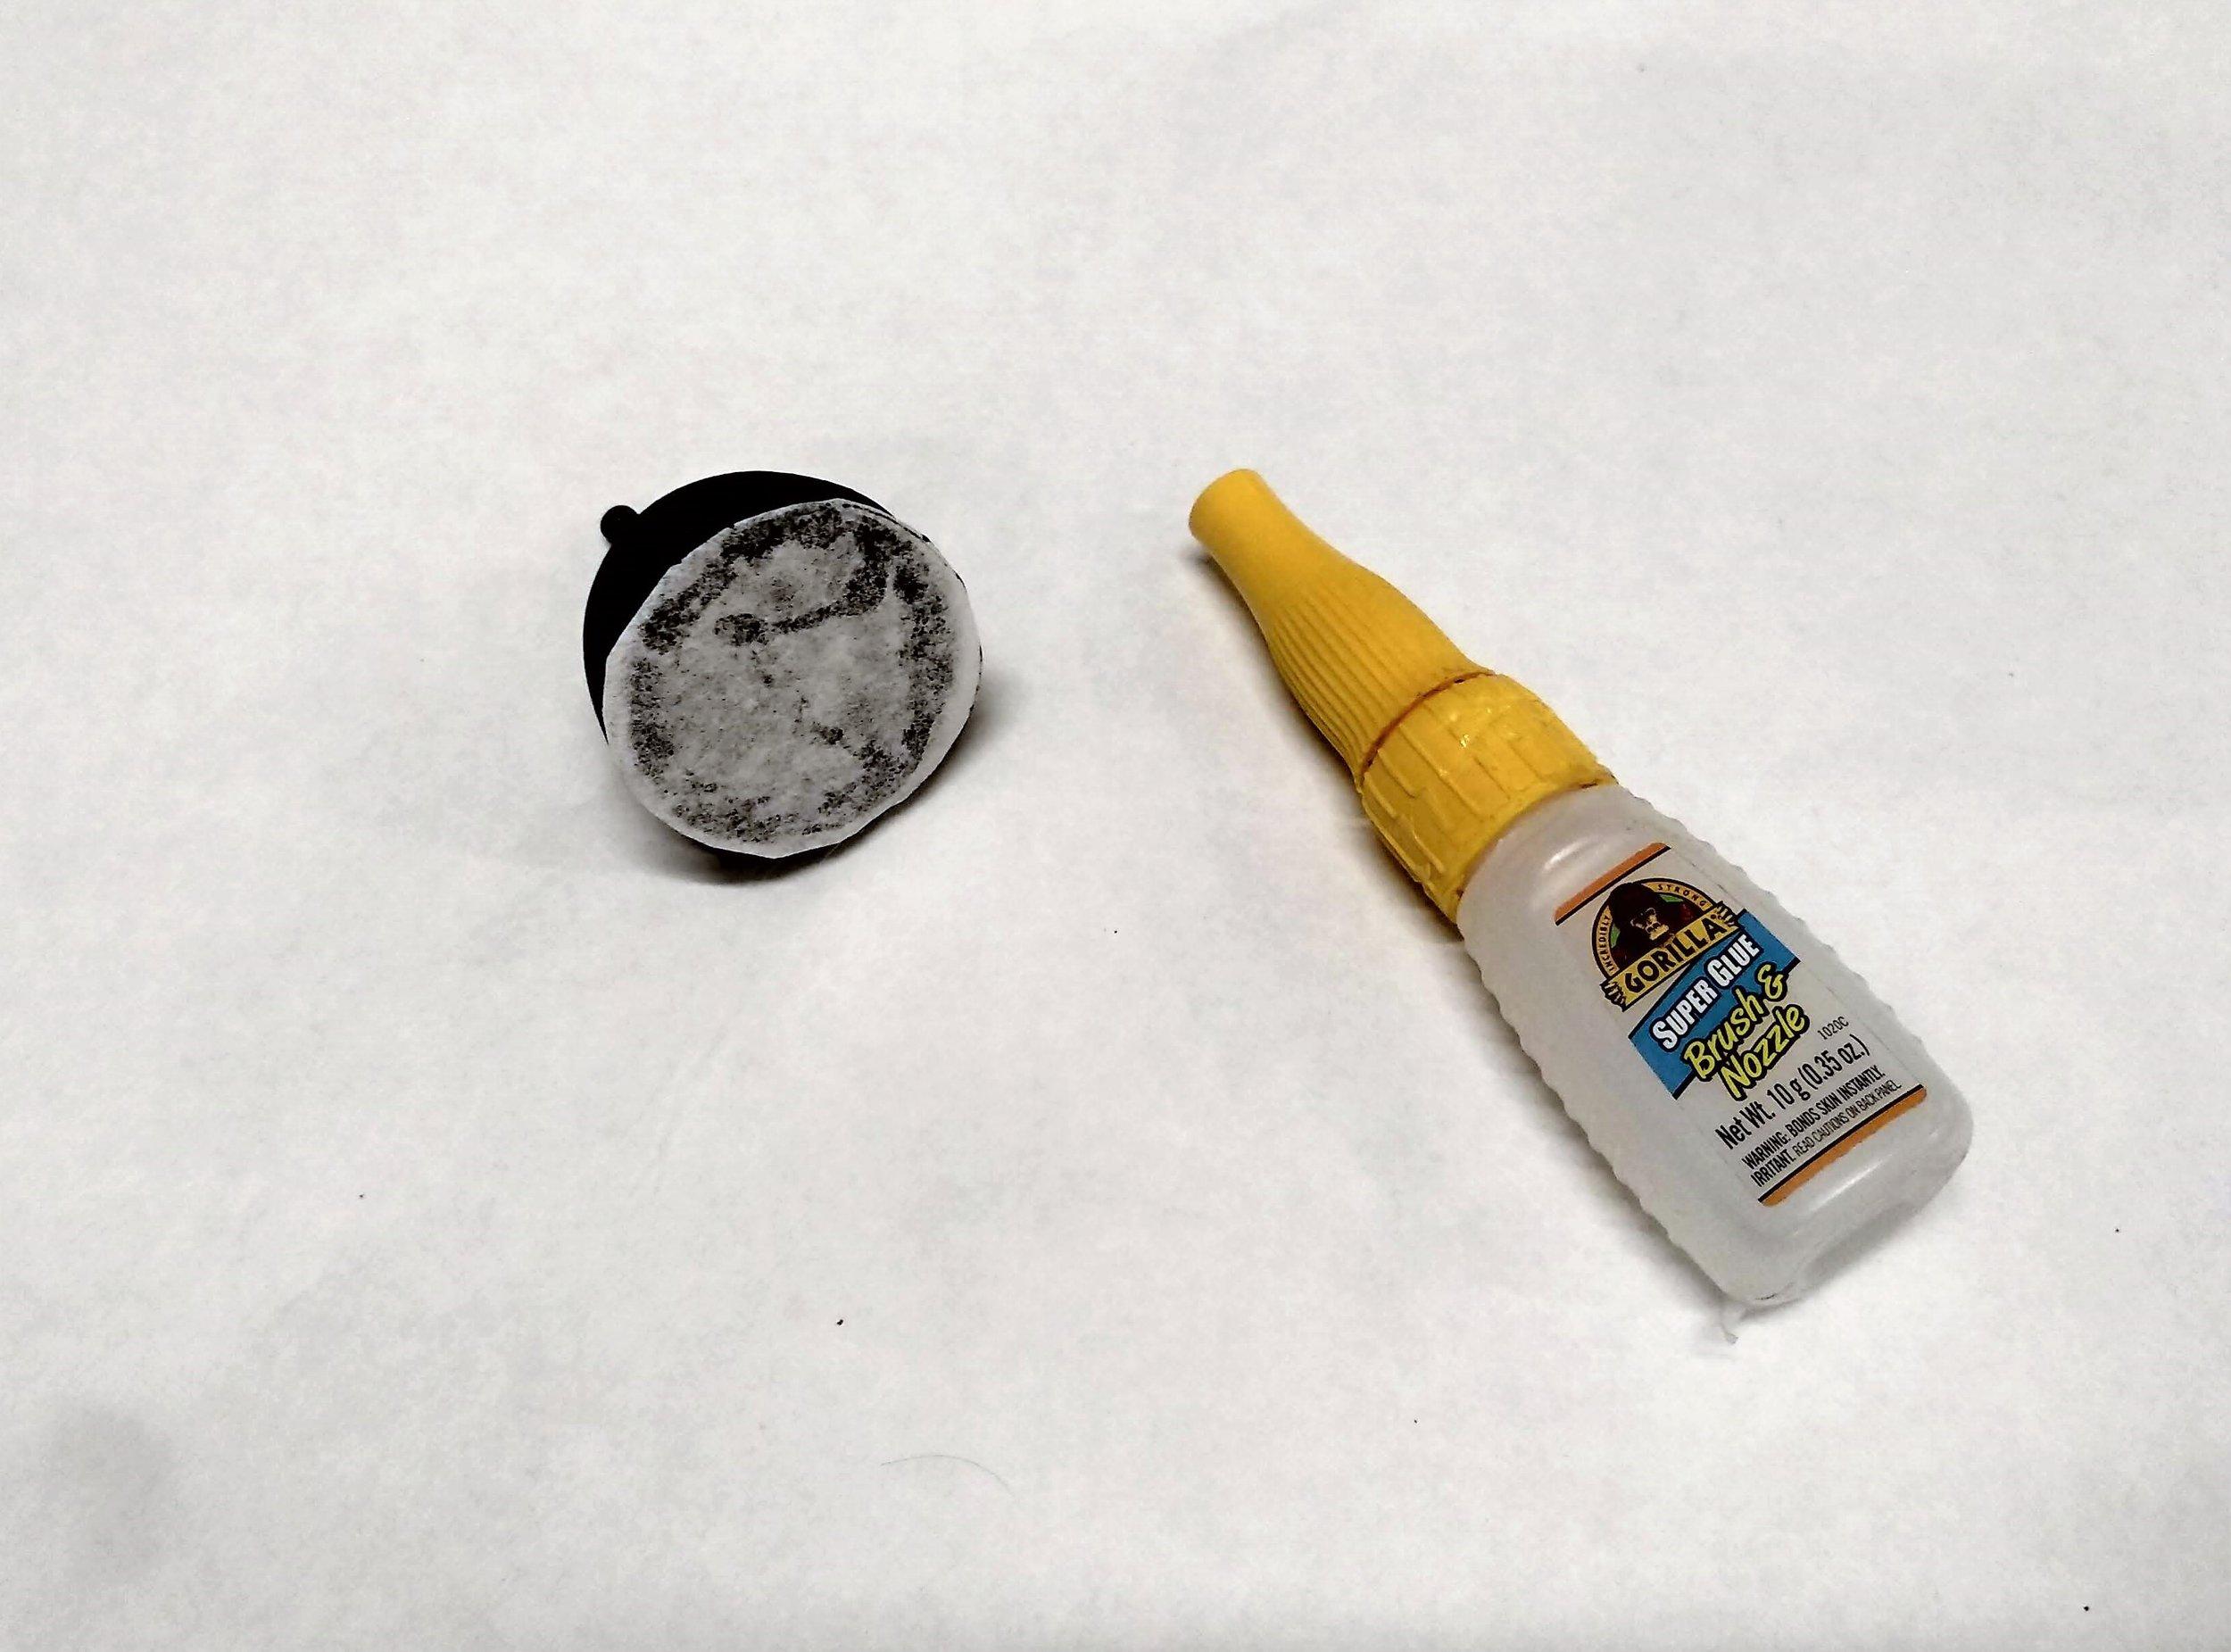 Step 5: Glue